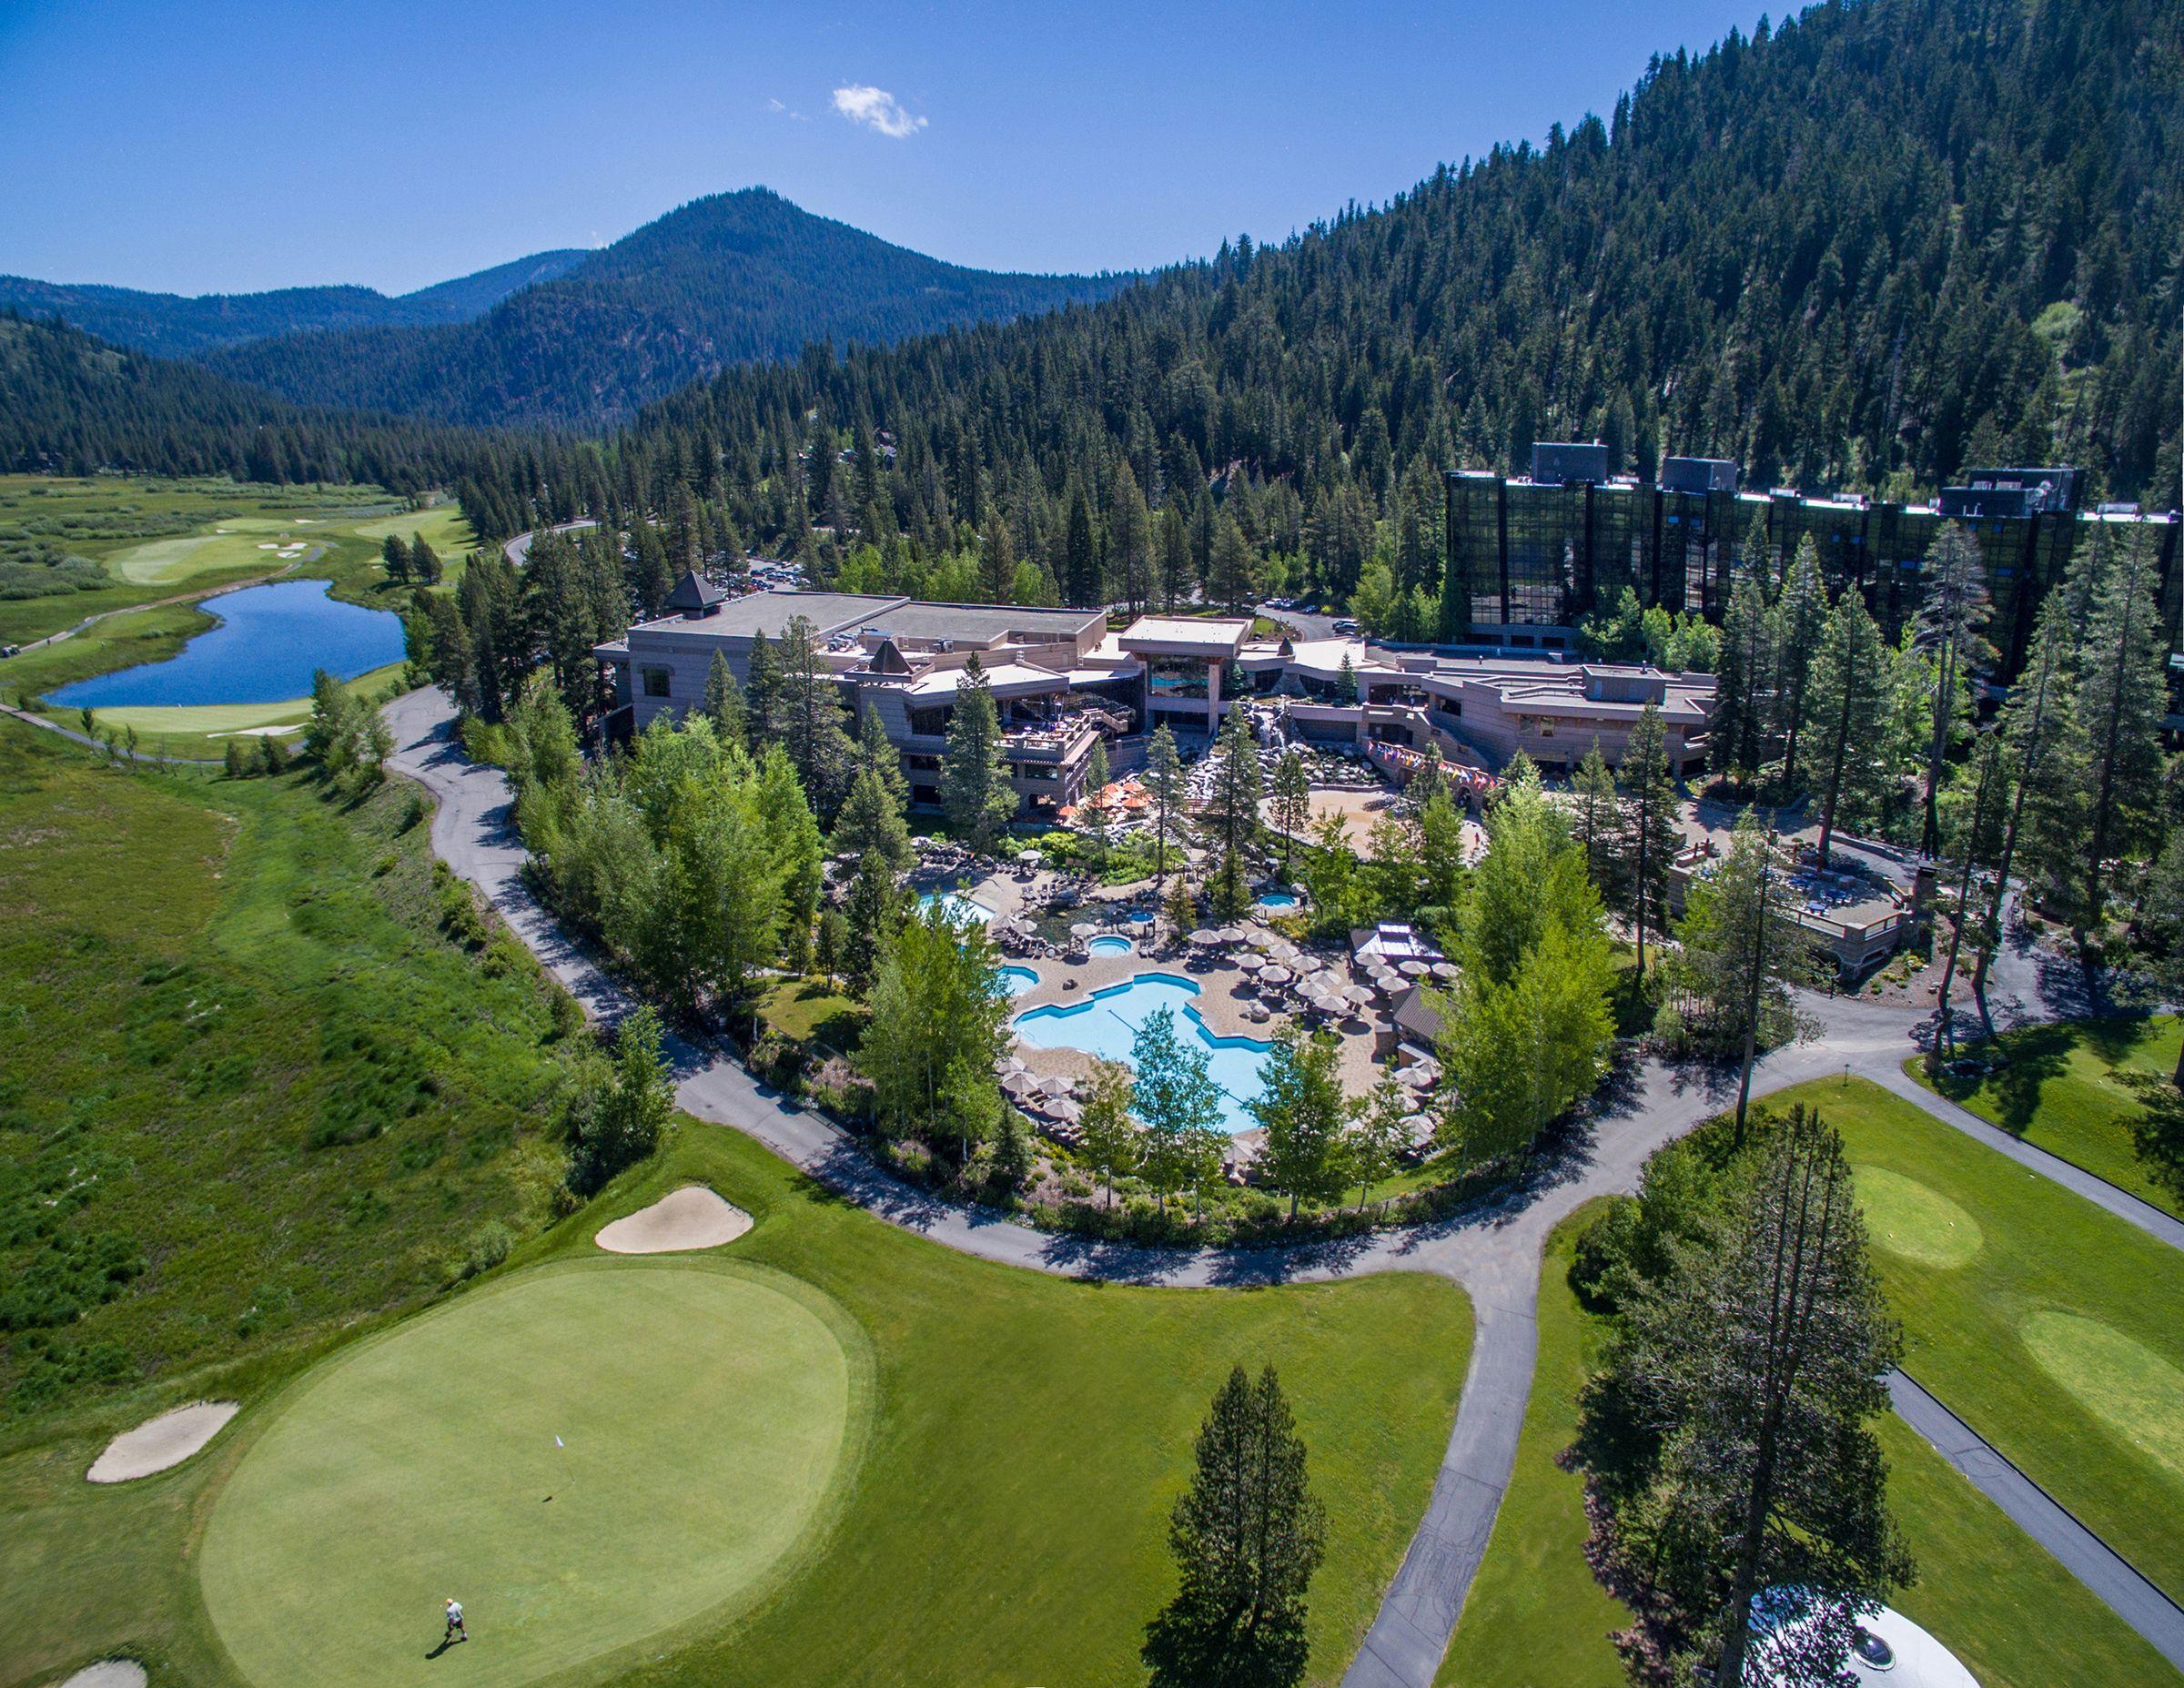 Deals squaw creek resort